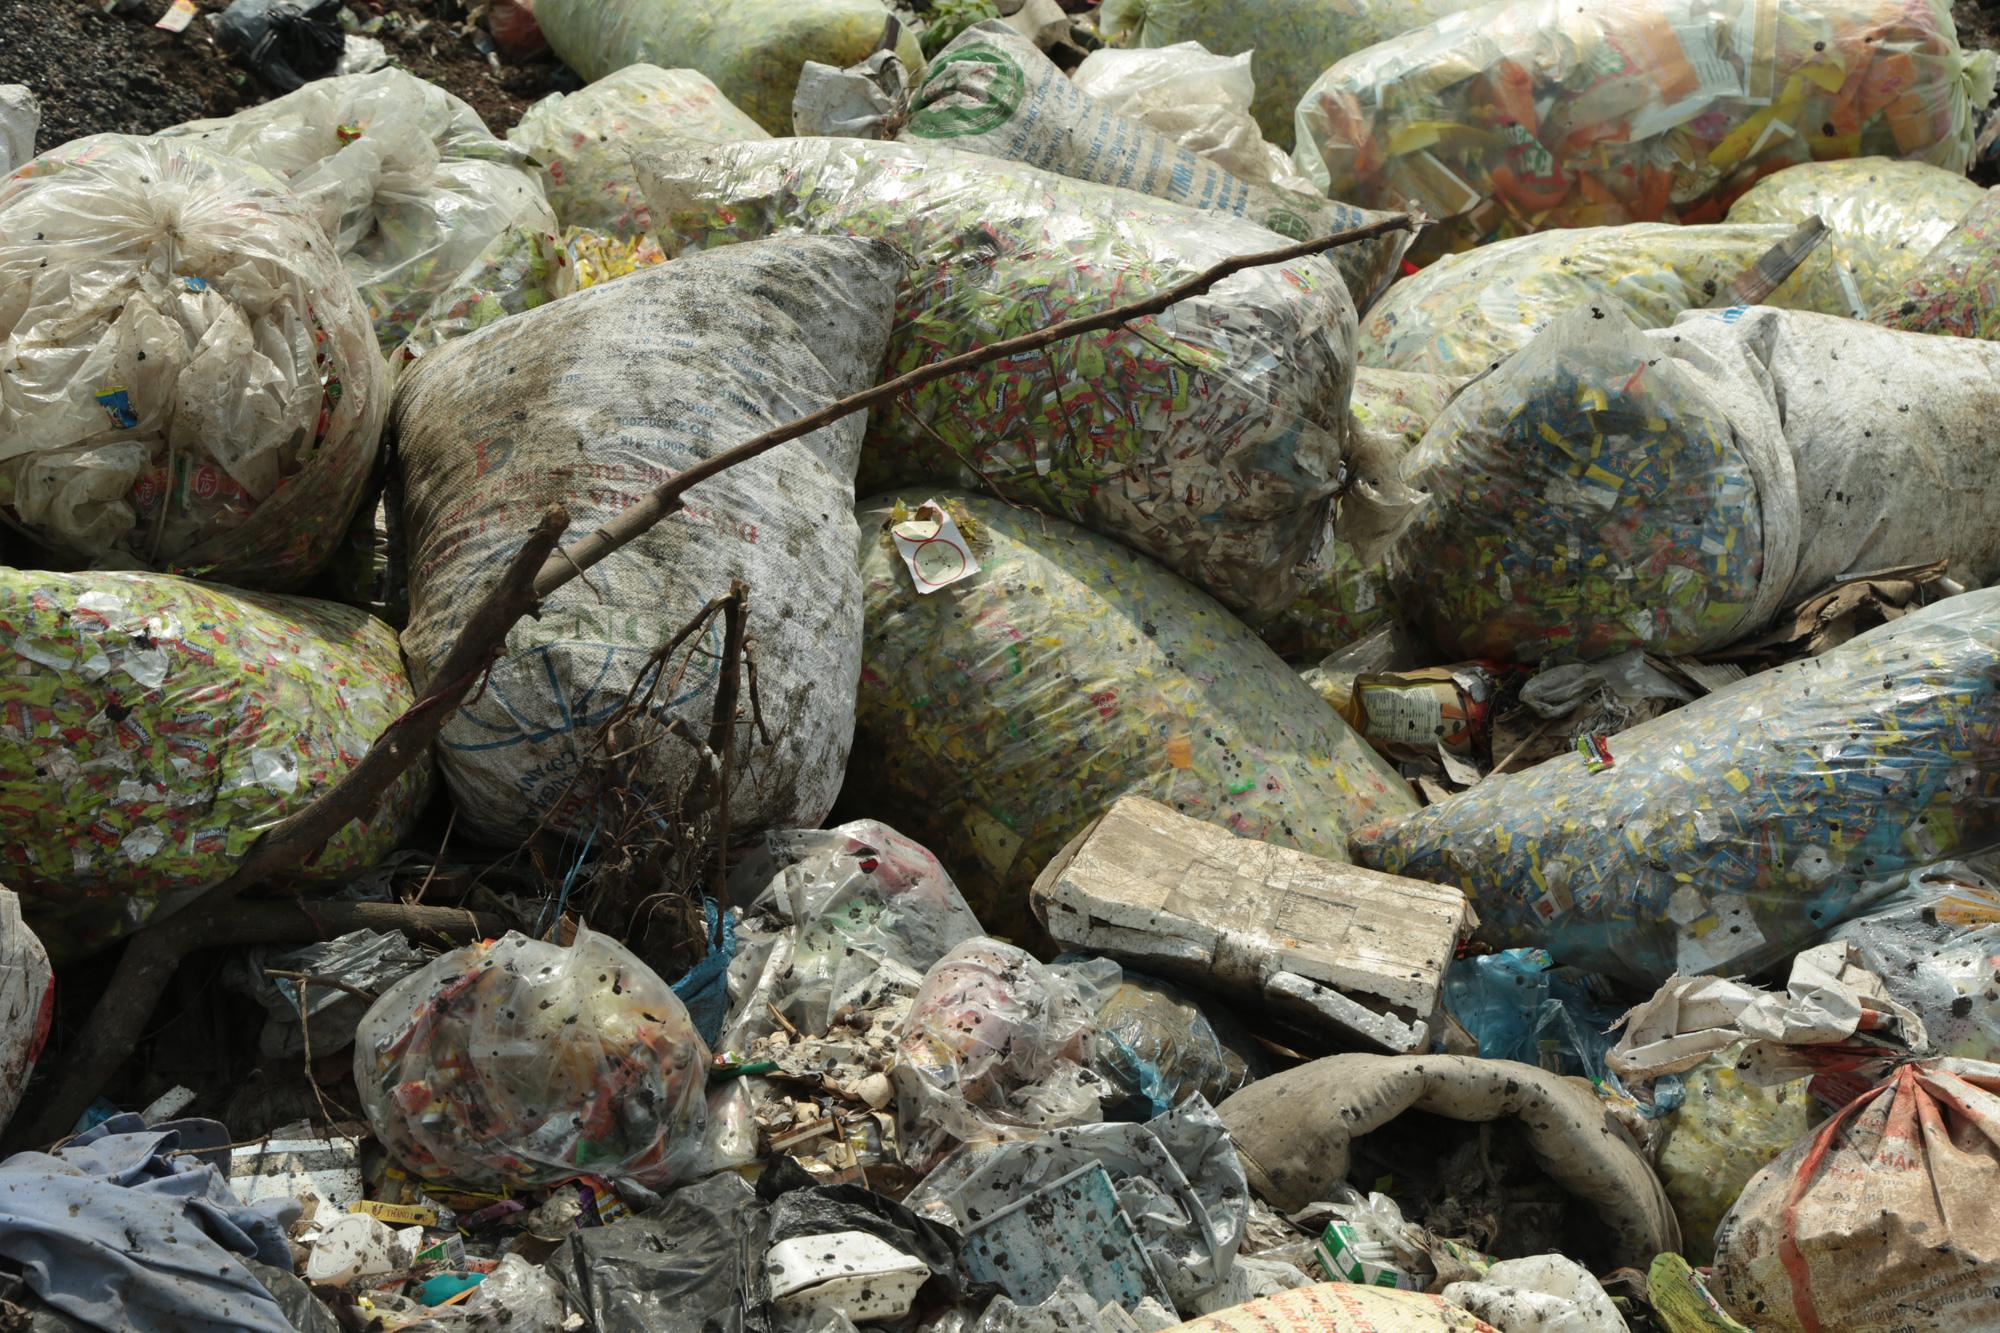 Cận cảnh tình trạng ô nhiễm khủng khiếp tại Hoài Đức, Hà Nội - Ảnh 6.